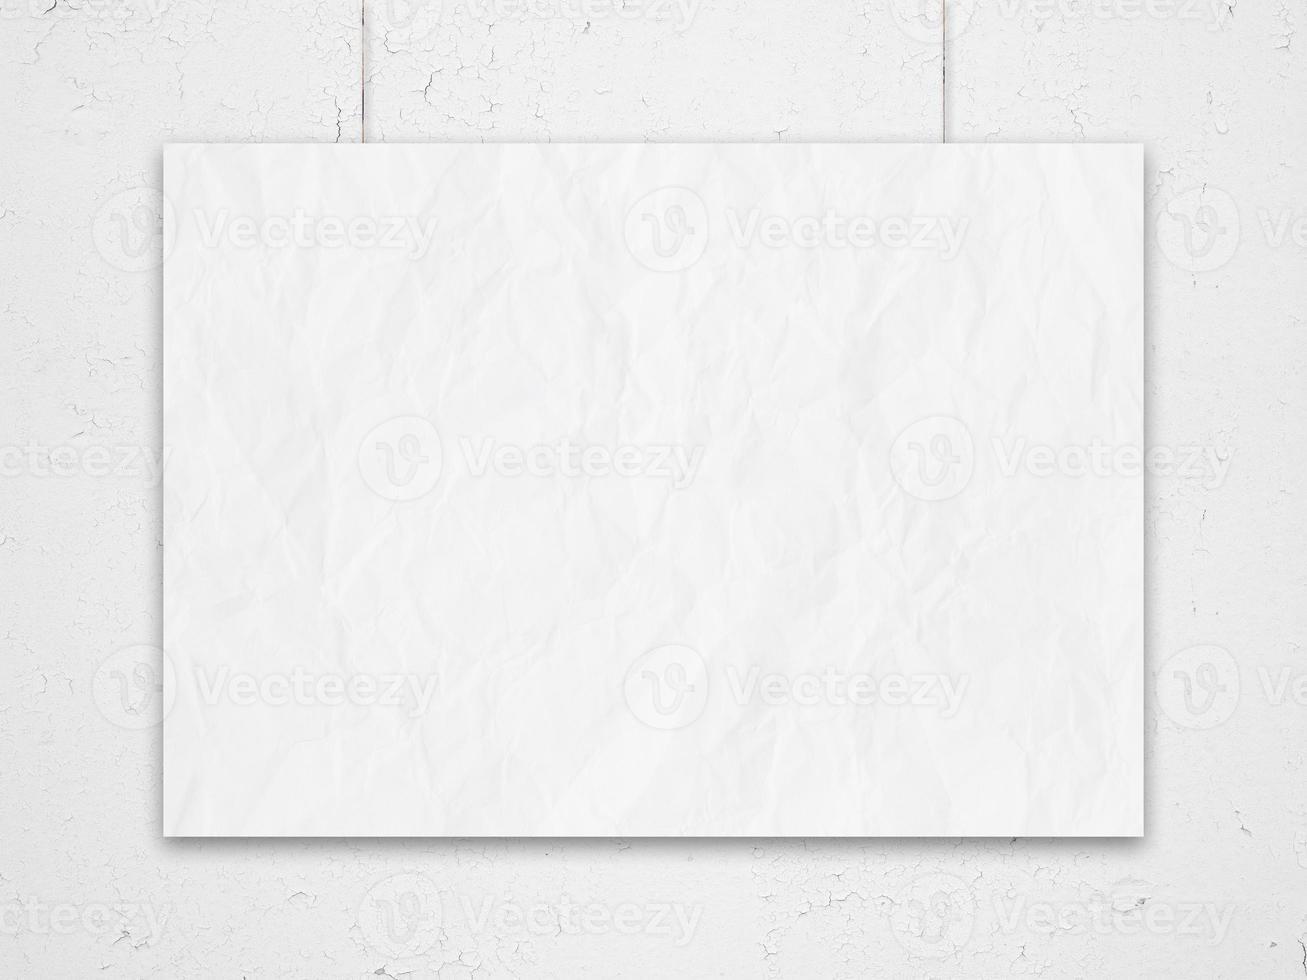 vit skrynklig lista som hänger på väggen foto